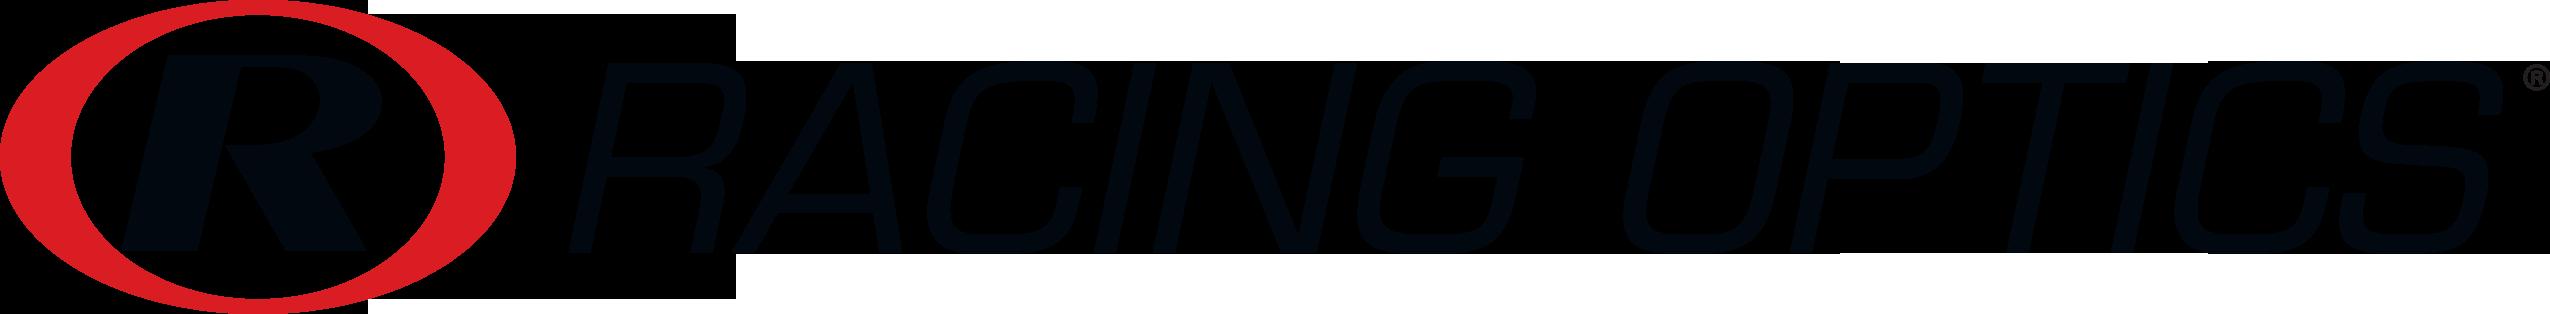 Racing Optics logo